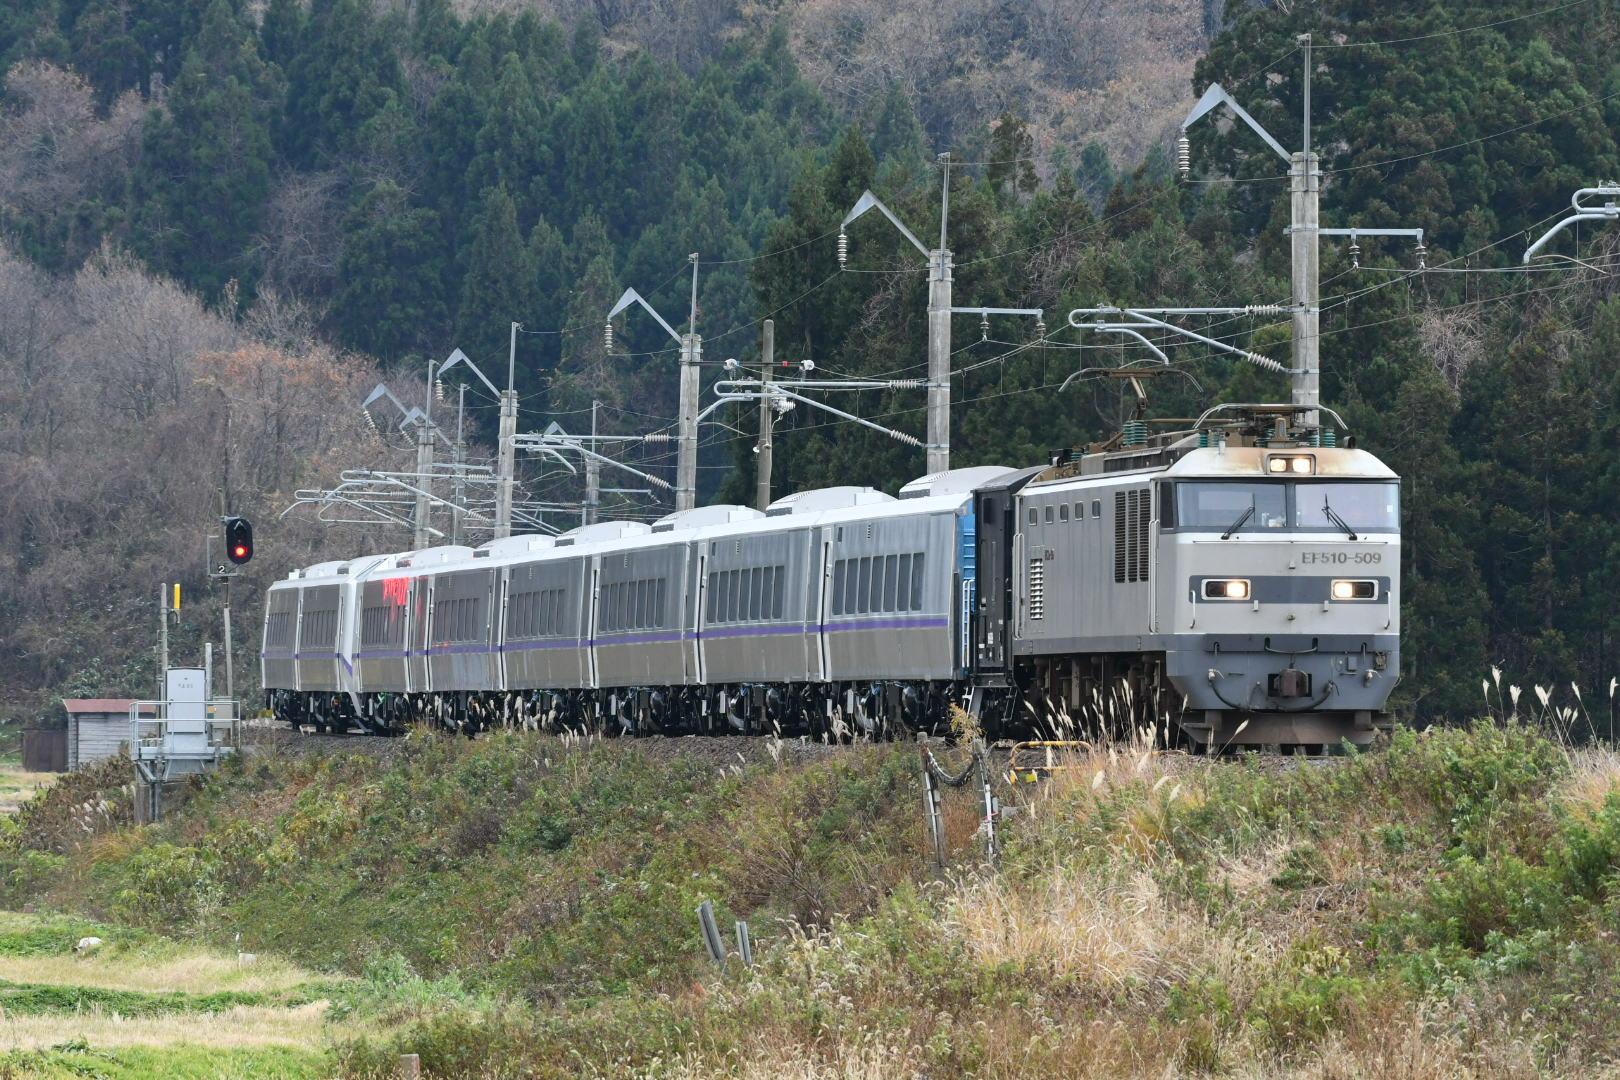 キハ261系が兵庫から北海道(手稲)へ甲種輸送 EF510-509号機牽引